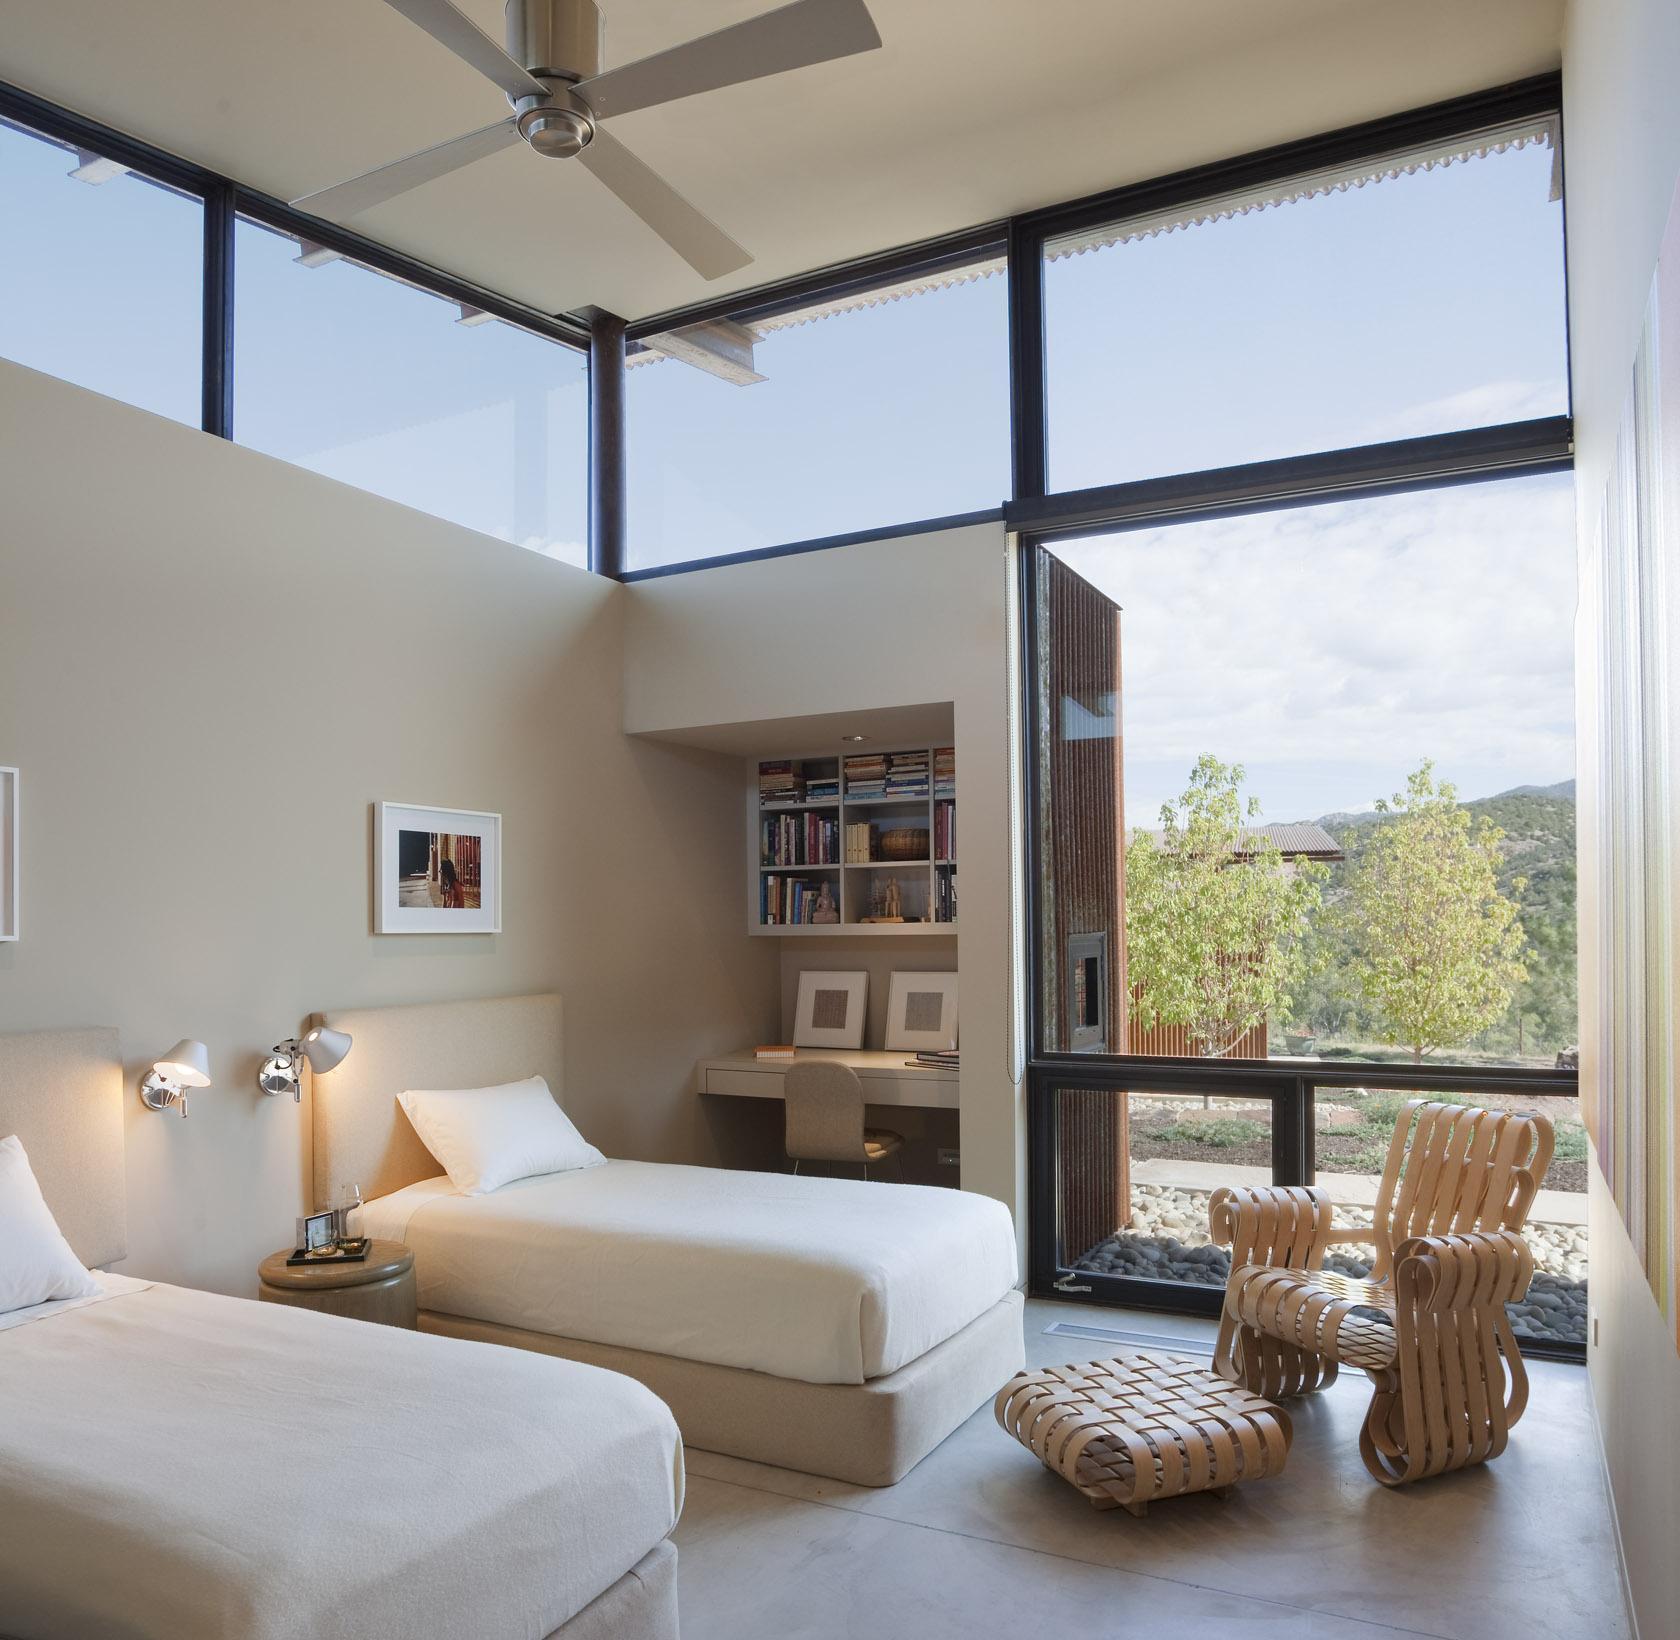 Bedroom, Open Plan, Desert House in Santa Fe, New Mexico